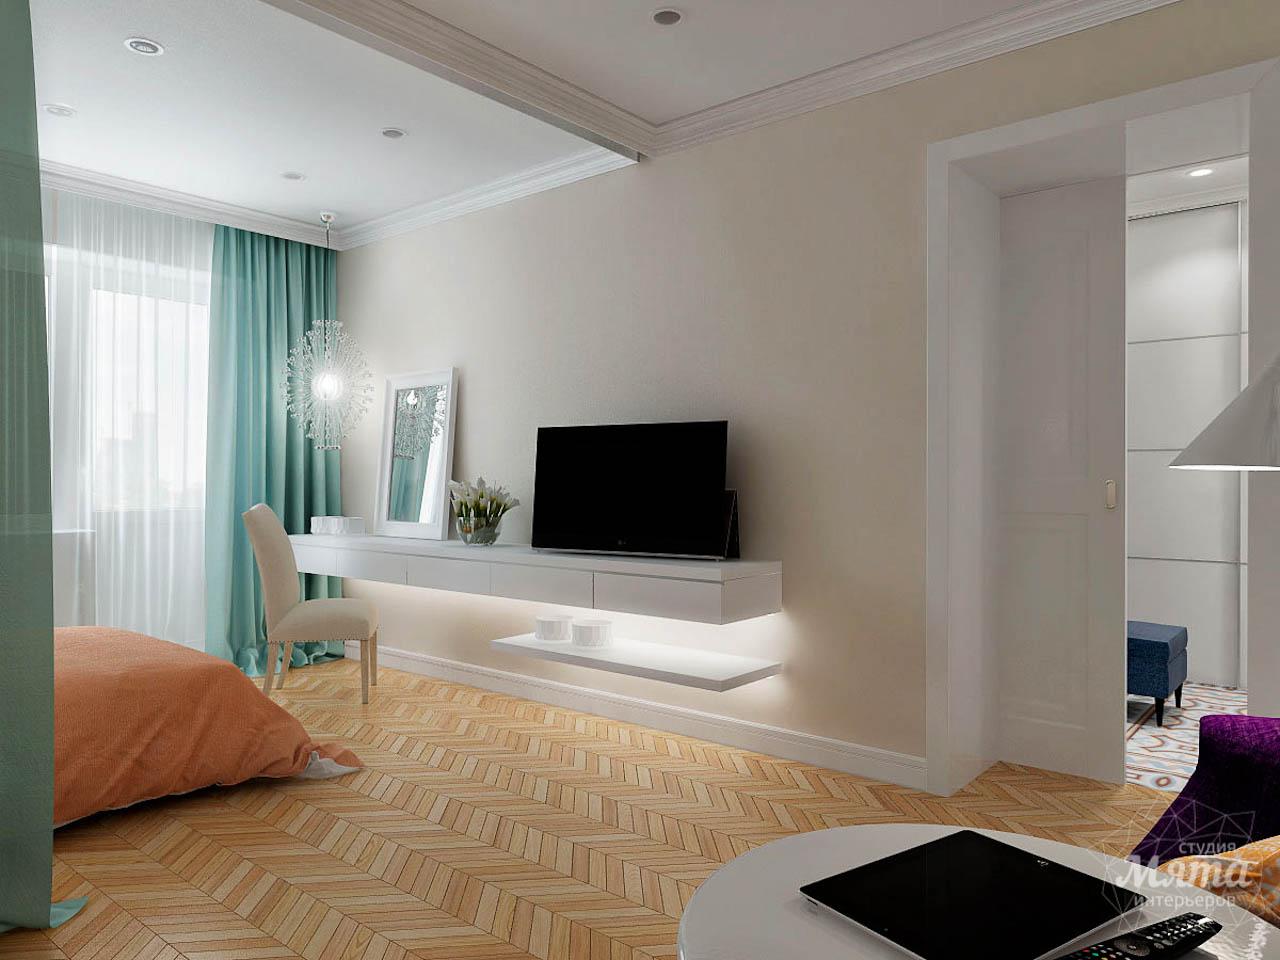 Дизайн интерьера однокомнатной квартиры по ул. Мичурина 231 img821384795